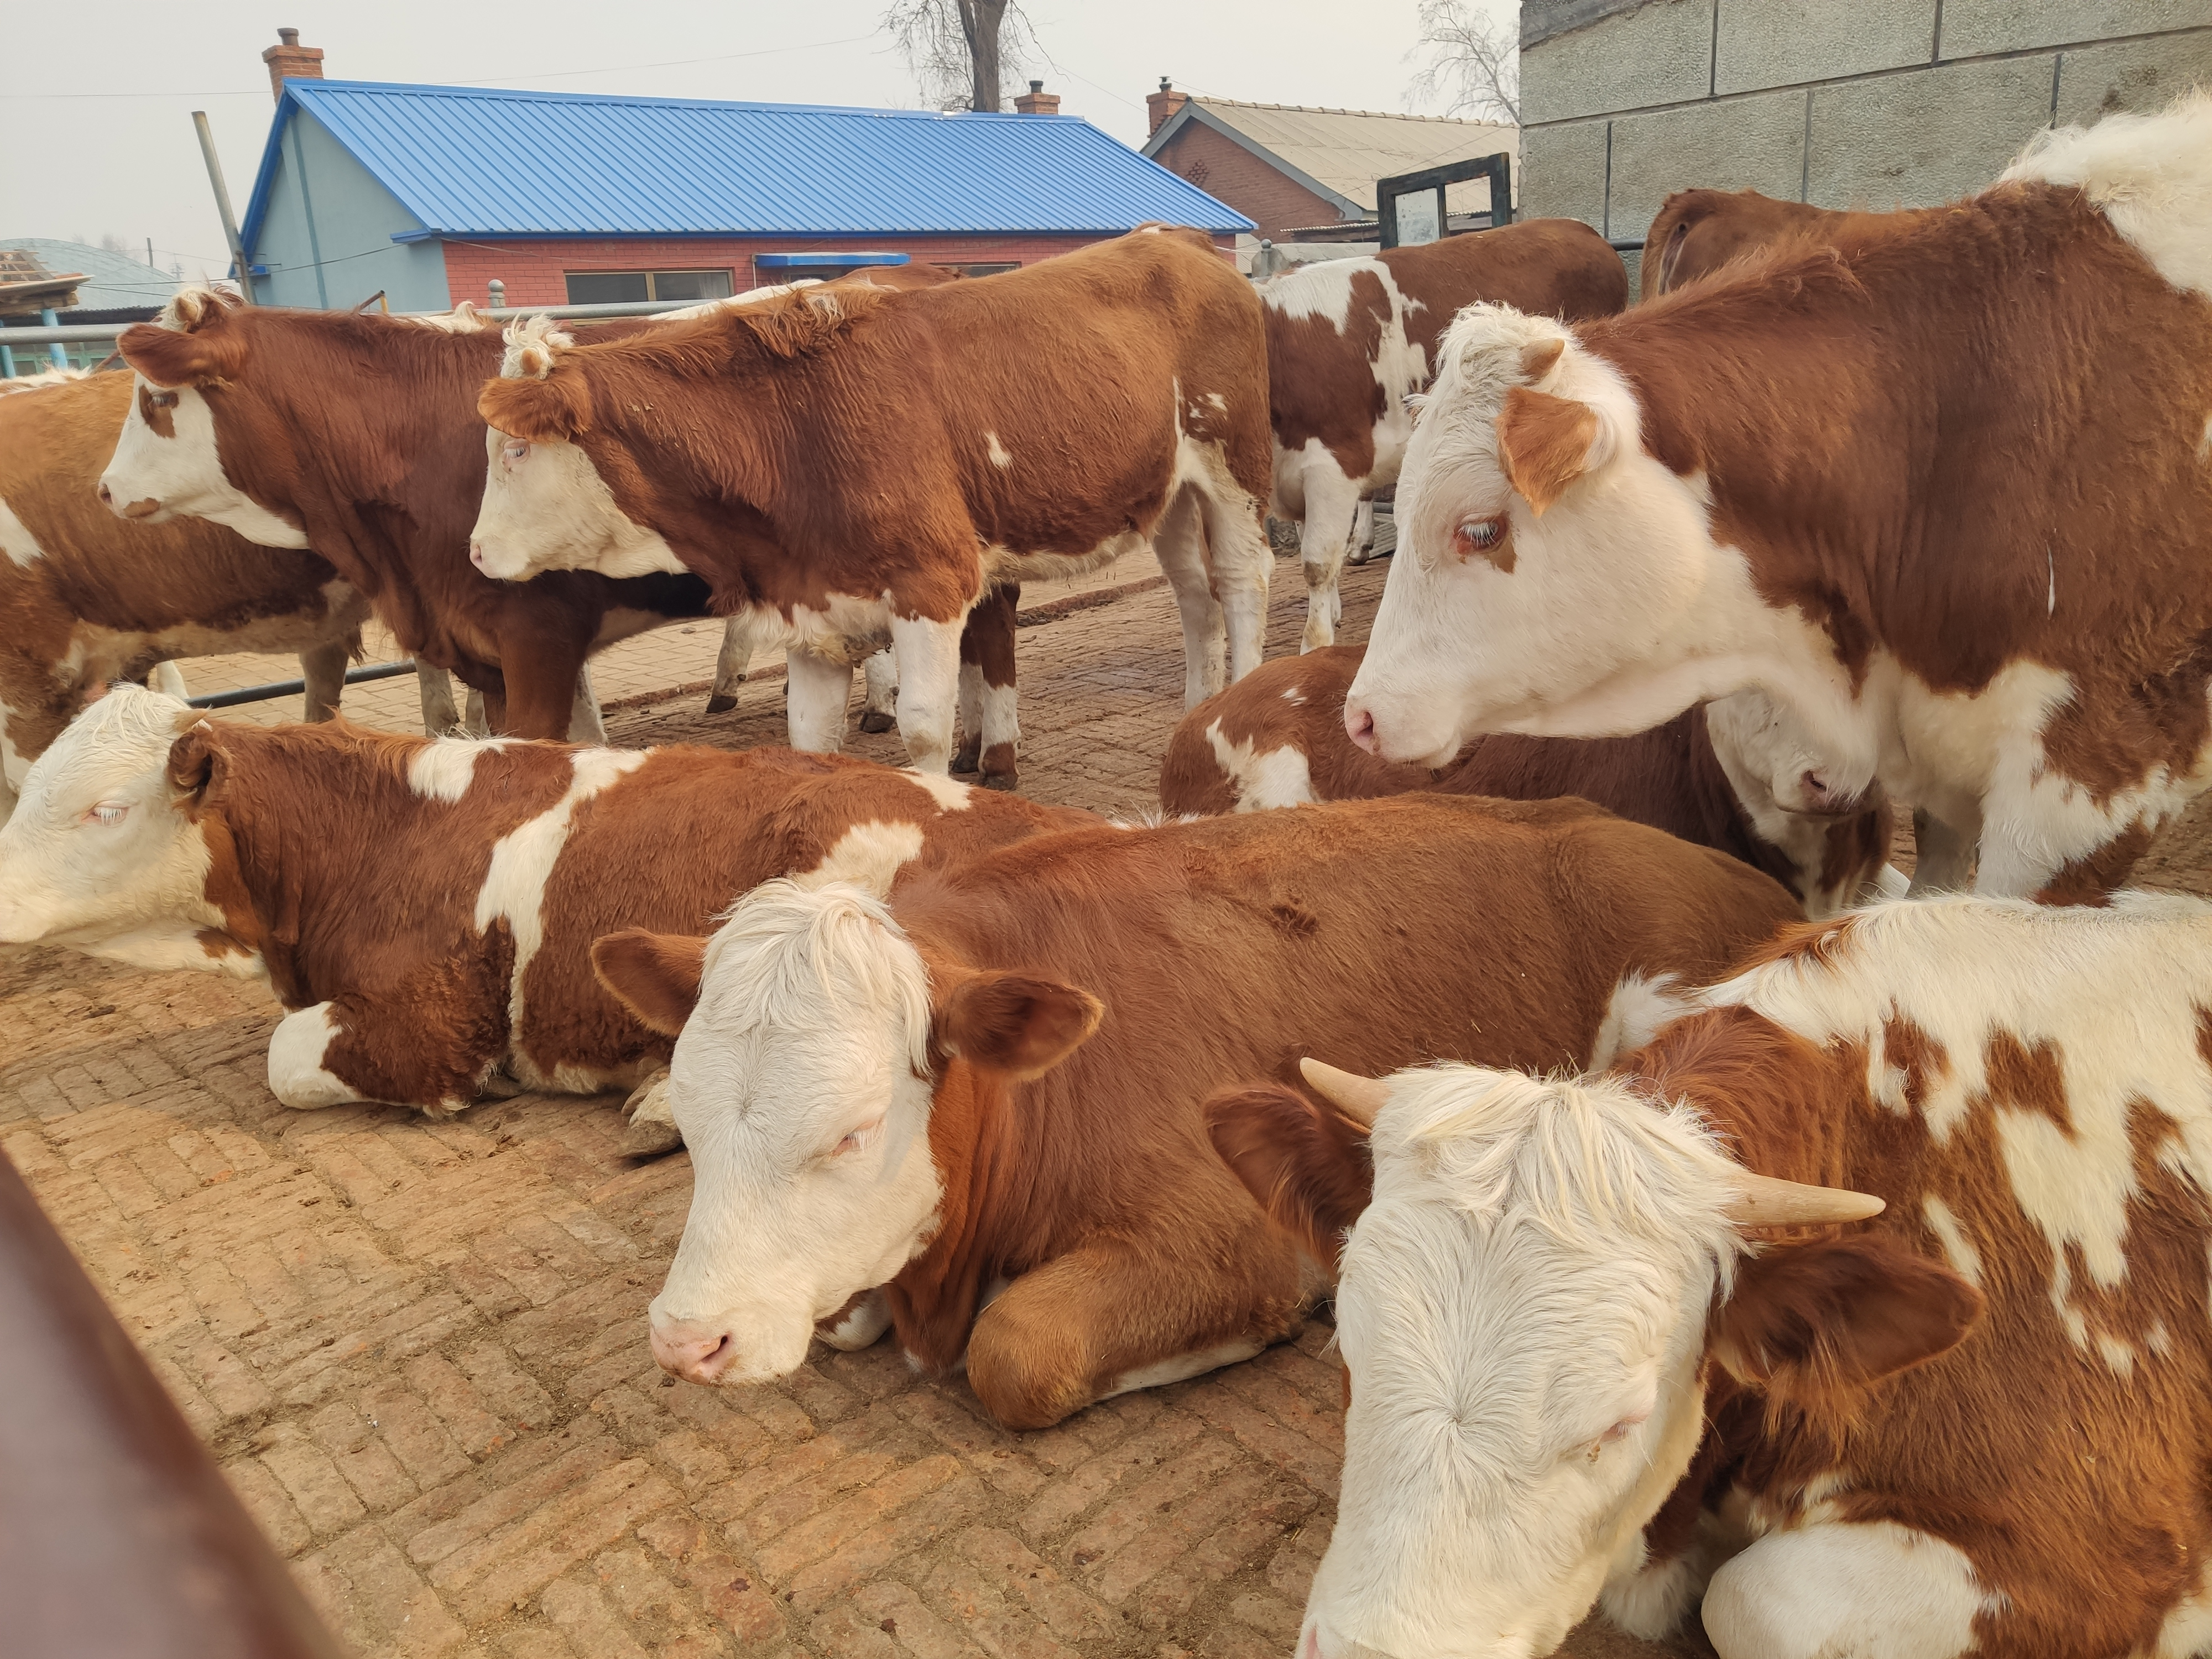 養牛行業的大變化:以前有錢人看不起,到現在很多人集中涌入